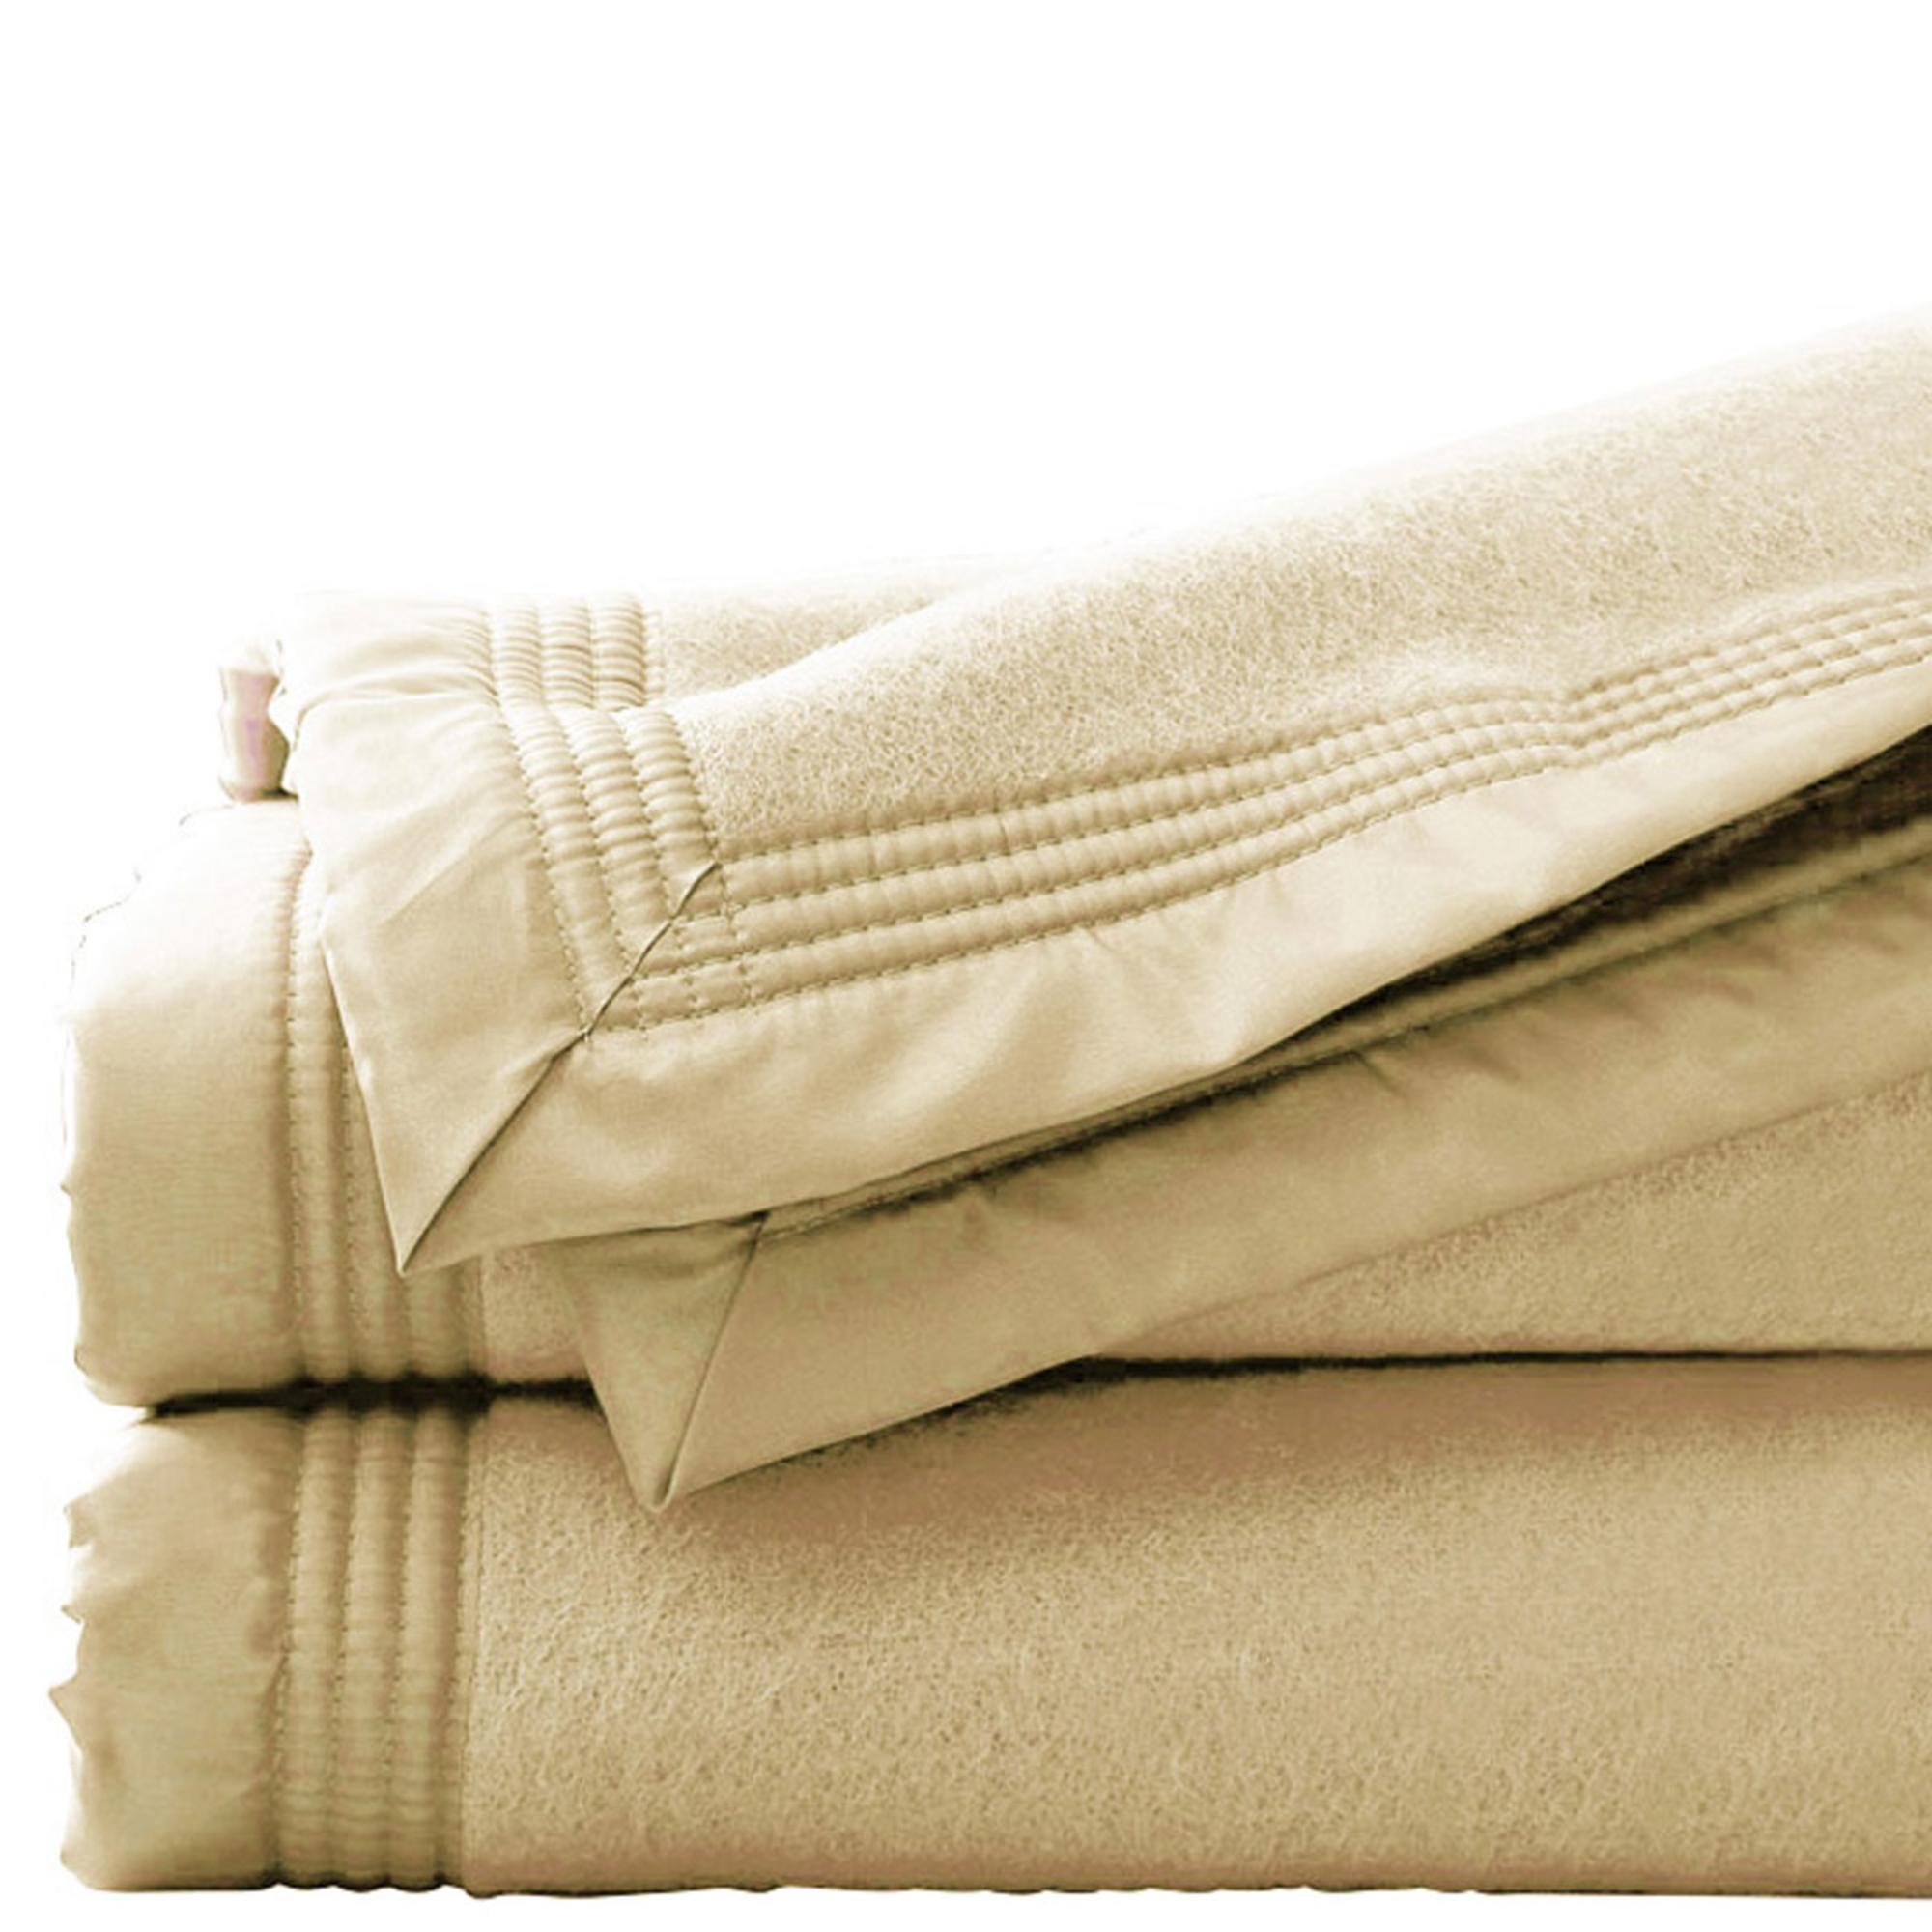 couverture 180 x 220 cm pure laine vierge woolmark ecru acheter ce produit au meilleur prix. Black Bedroom Furniture Sets. Home Design Ideas